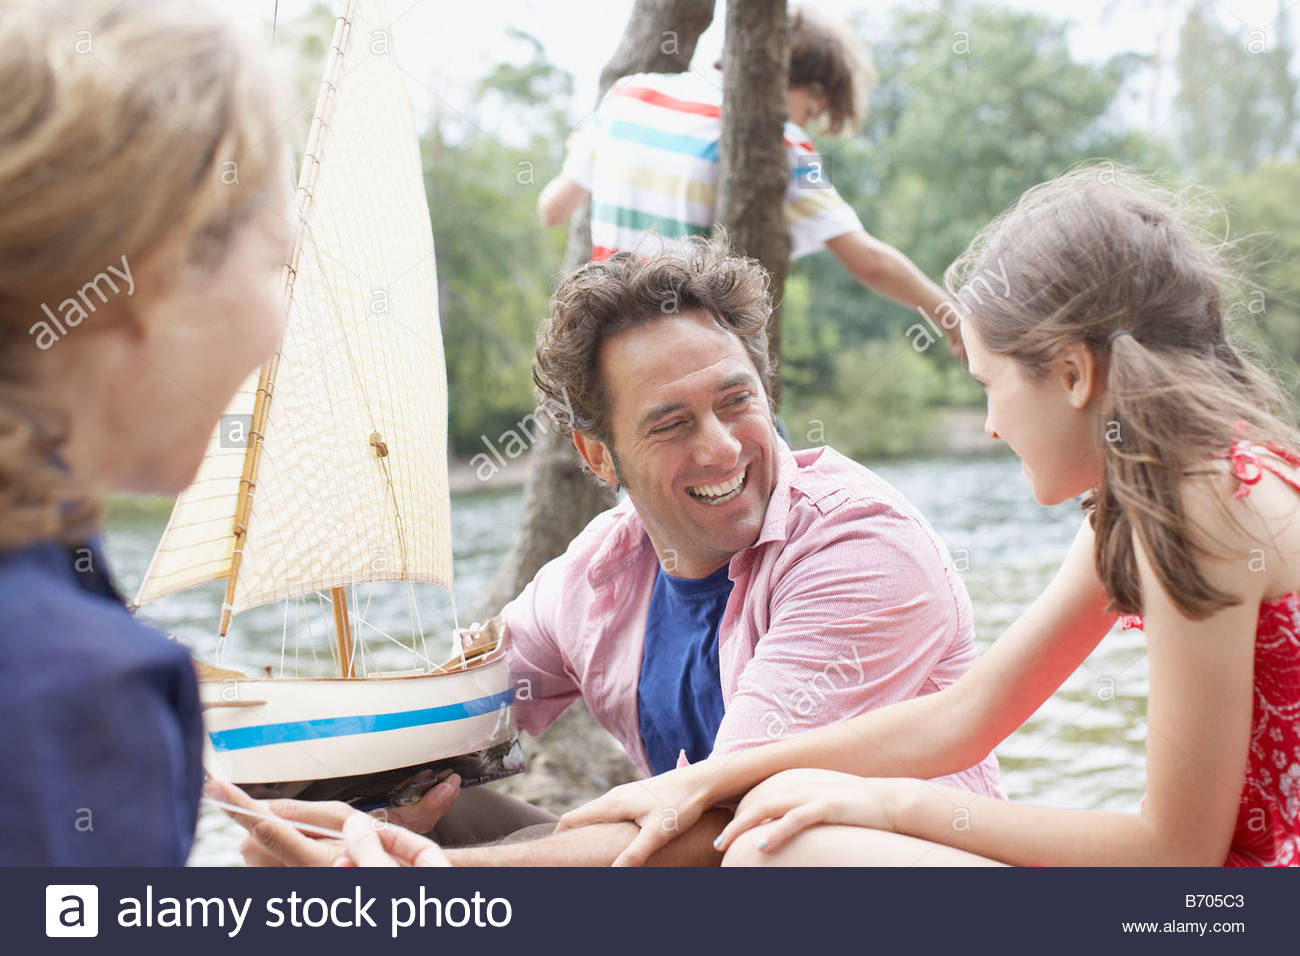 Family having fun near lake - Stock Image